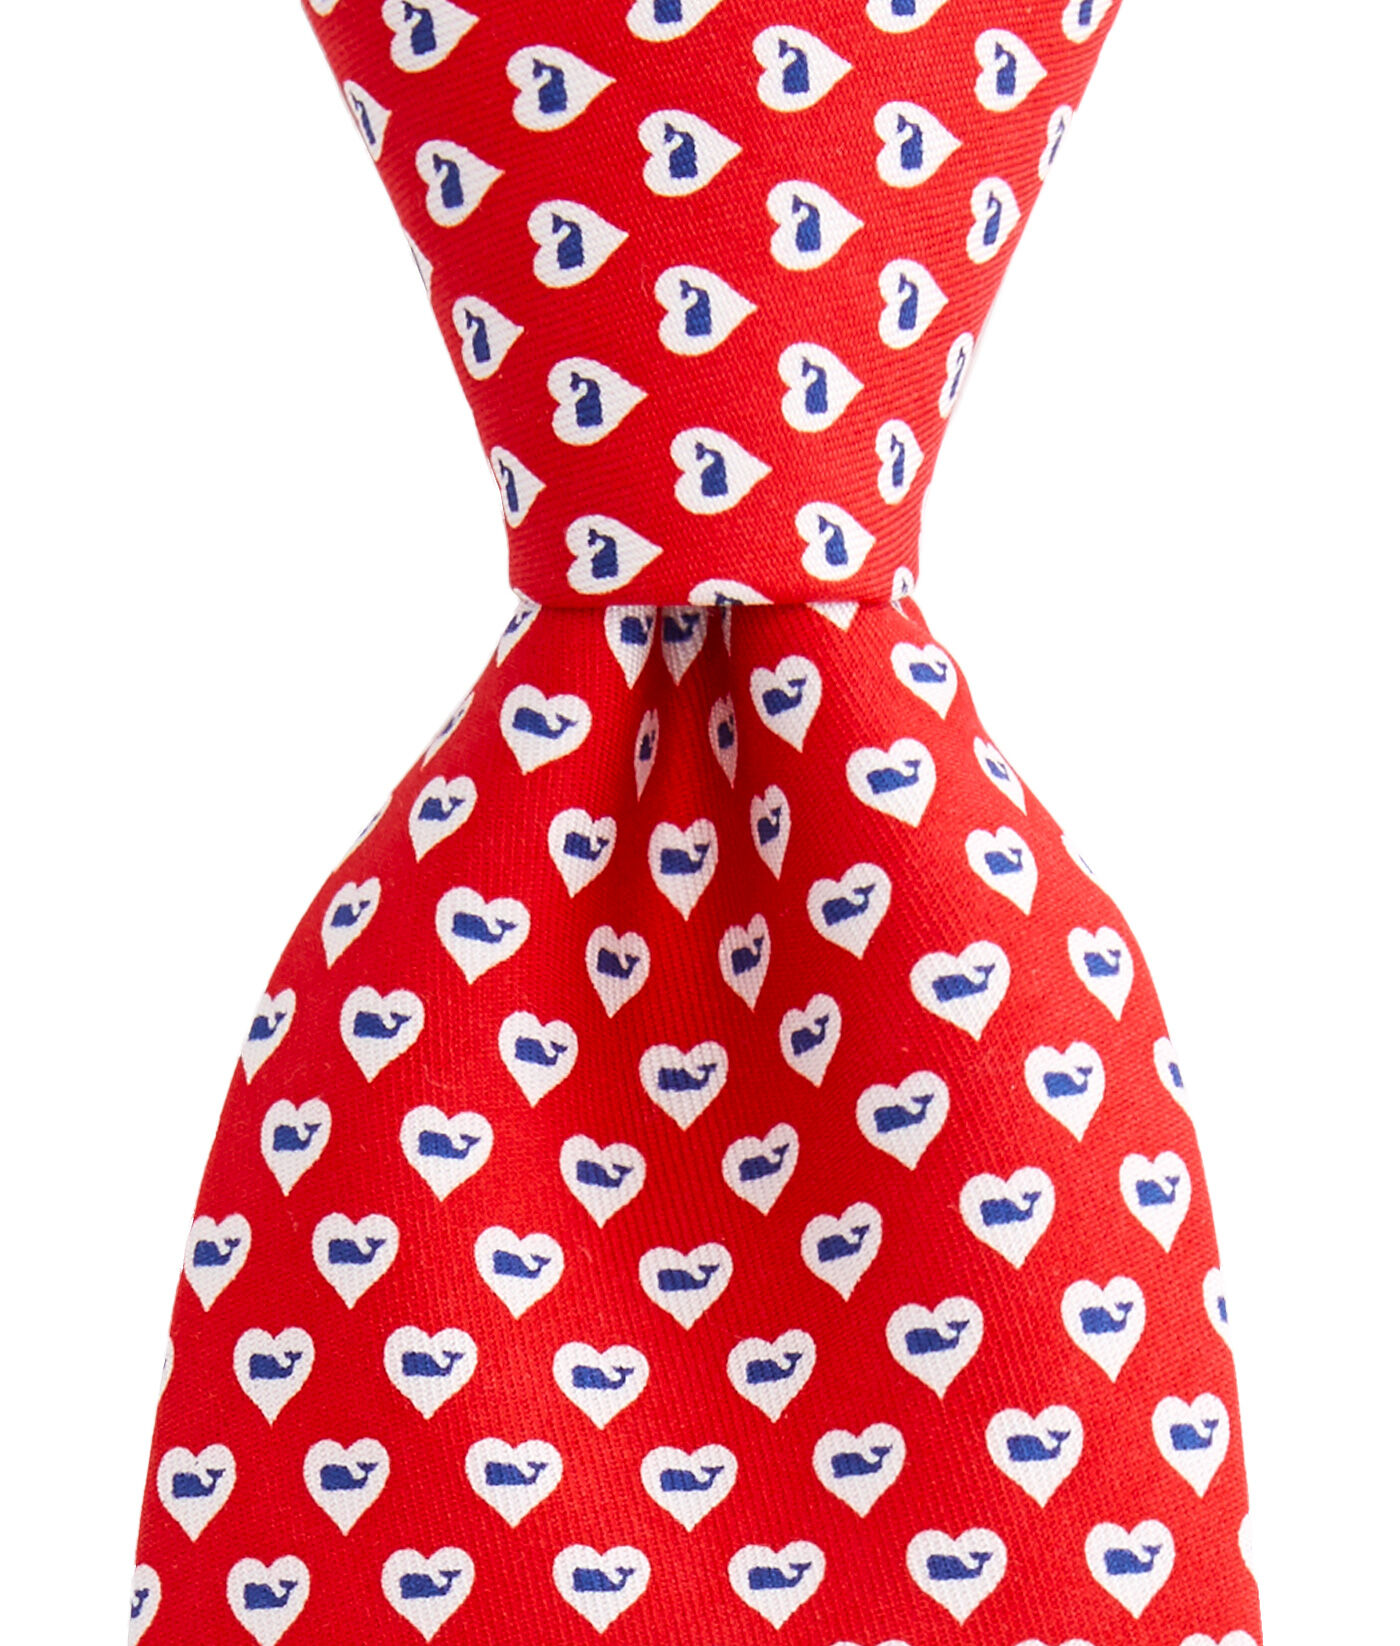 Schön Valentineu0027s Day Tie